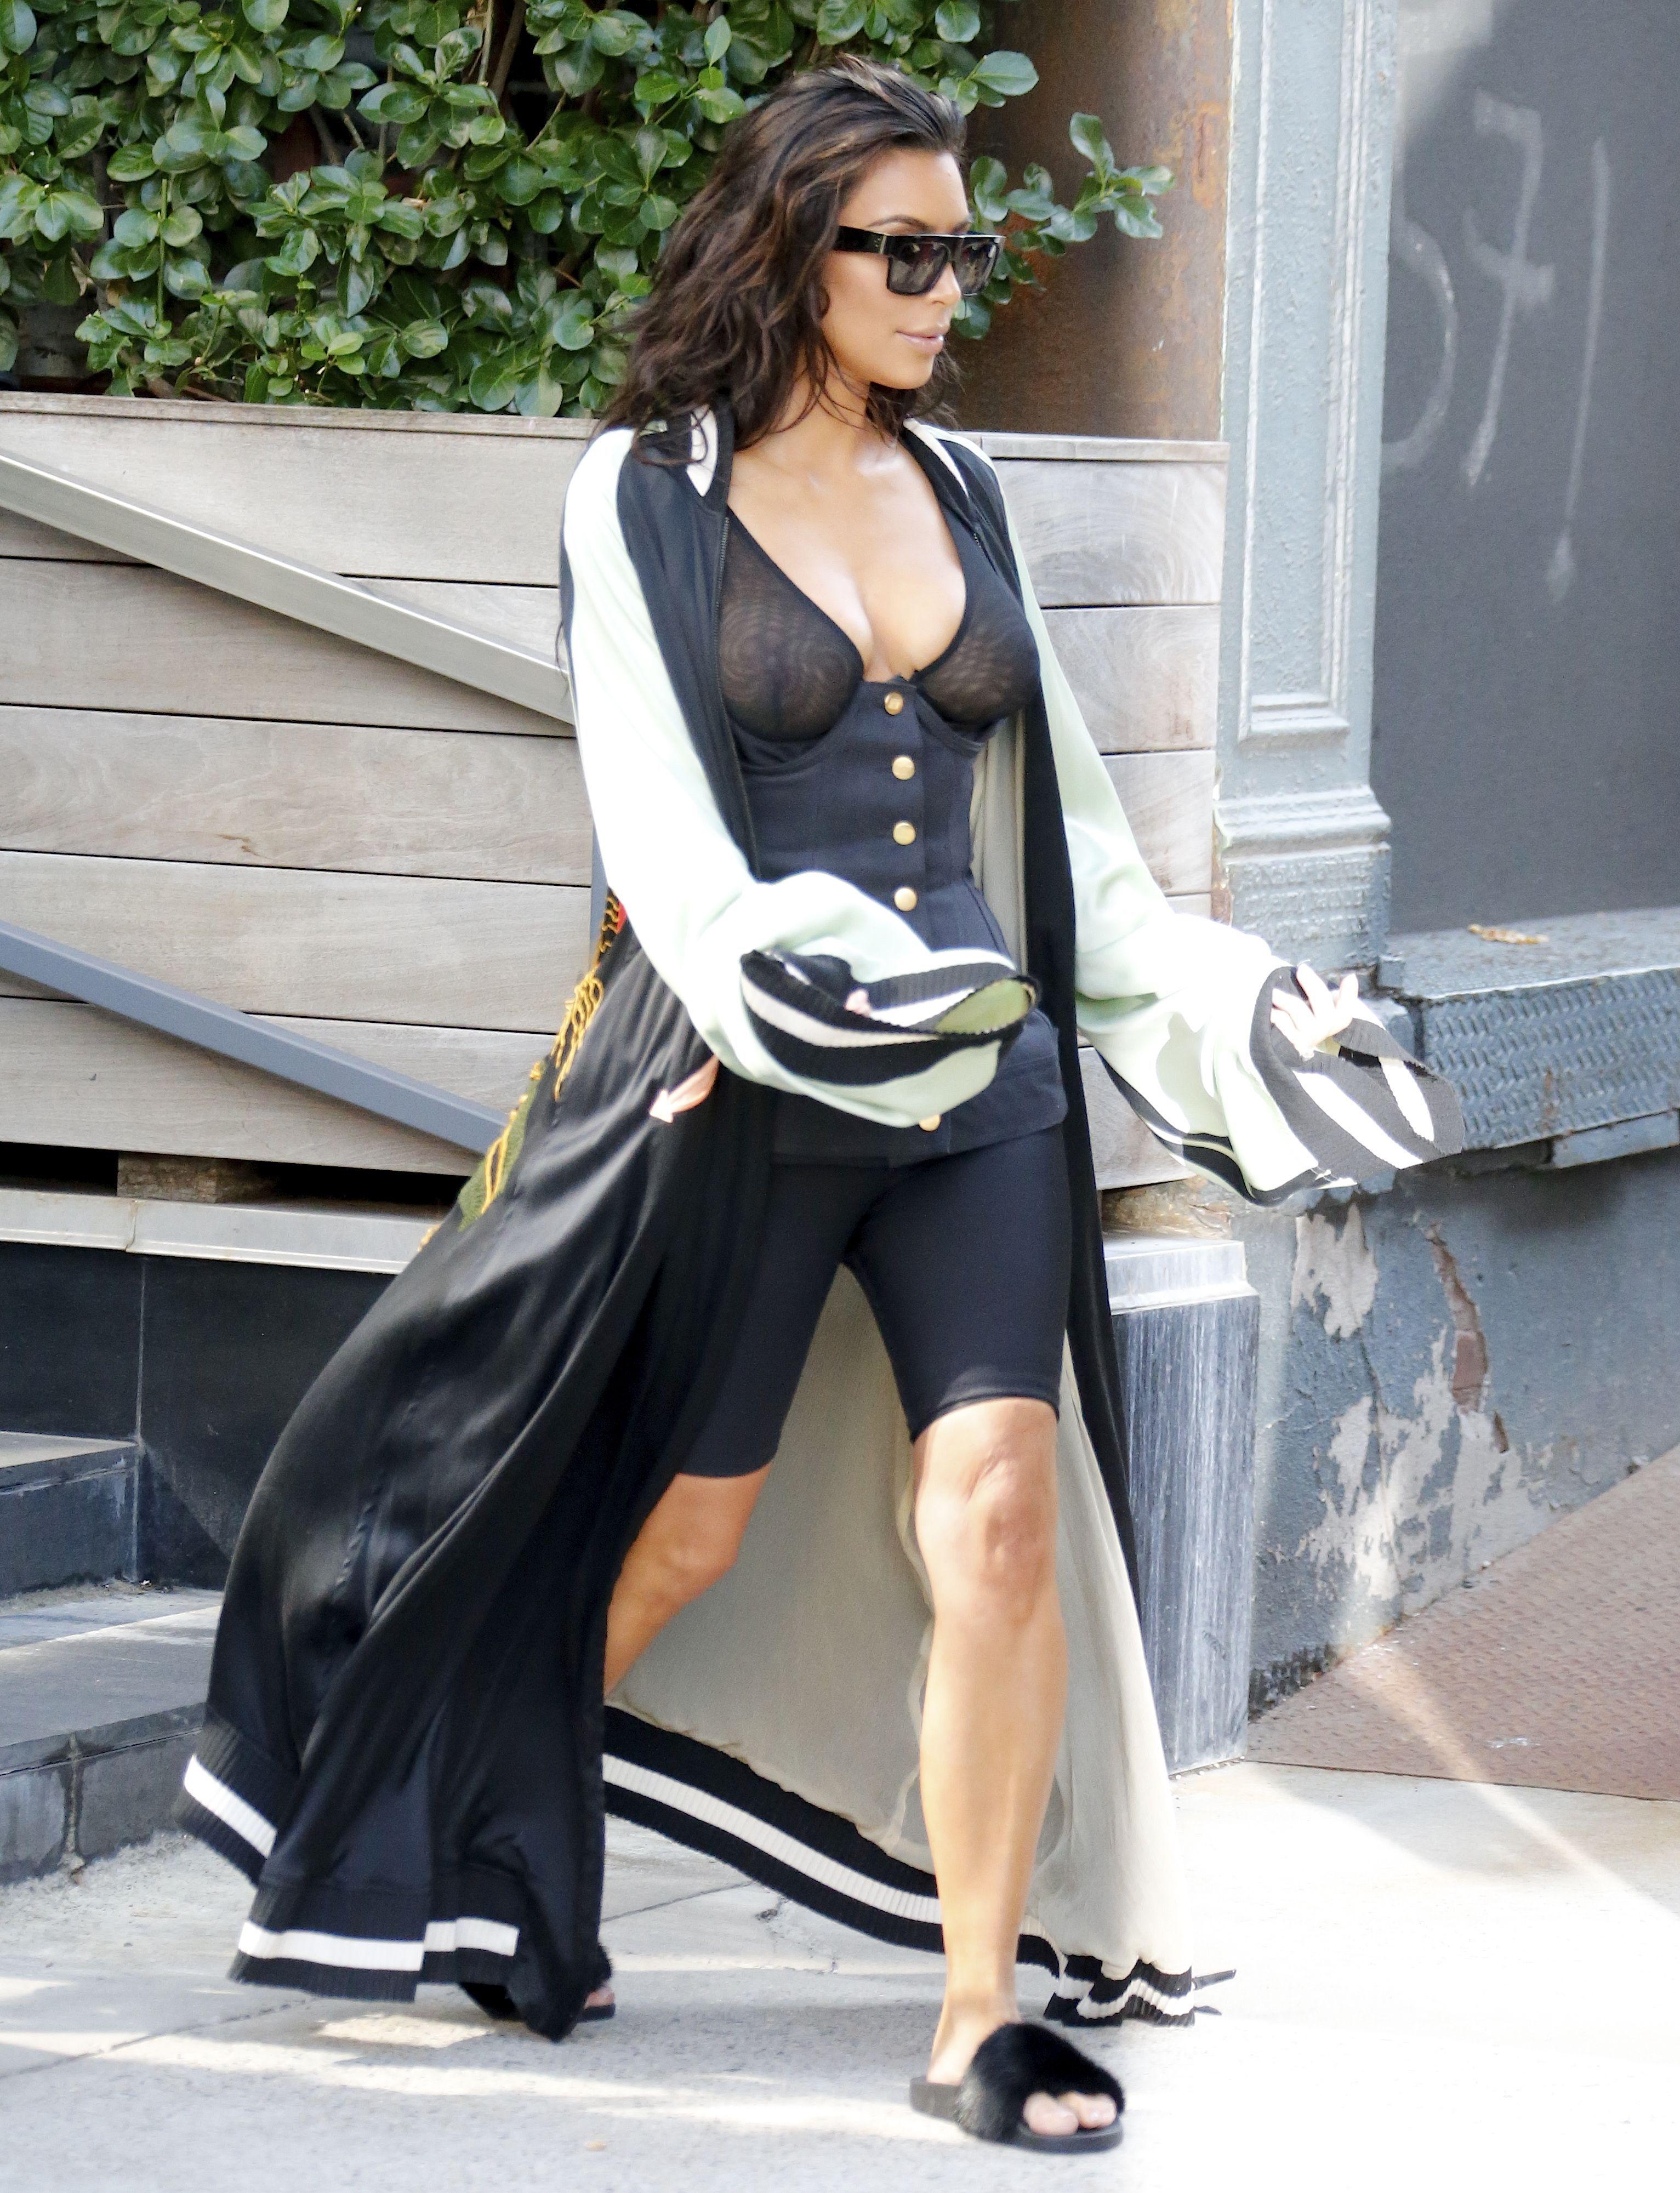 Kim Kardashian See Through 2 1 Sn6568